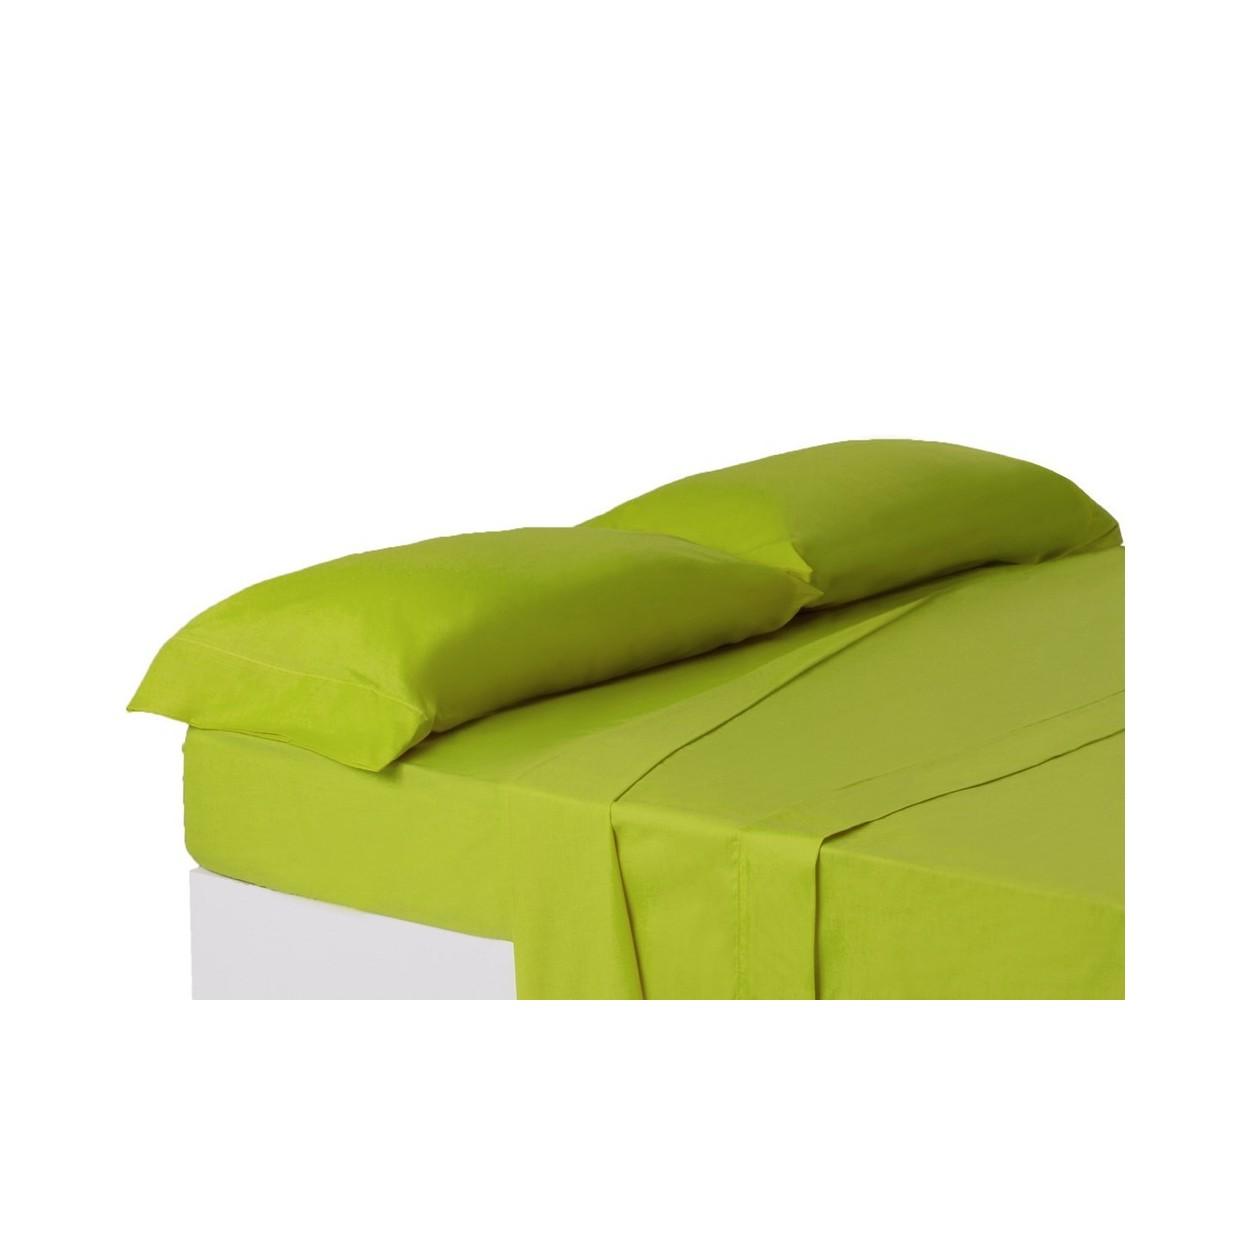 Funda de almohada cama 150 cm verde hogar y m s - Funda almohada 150 ...